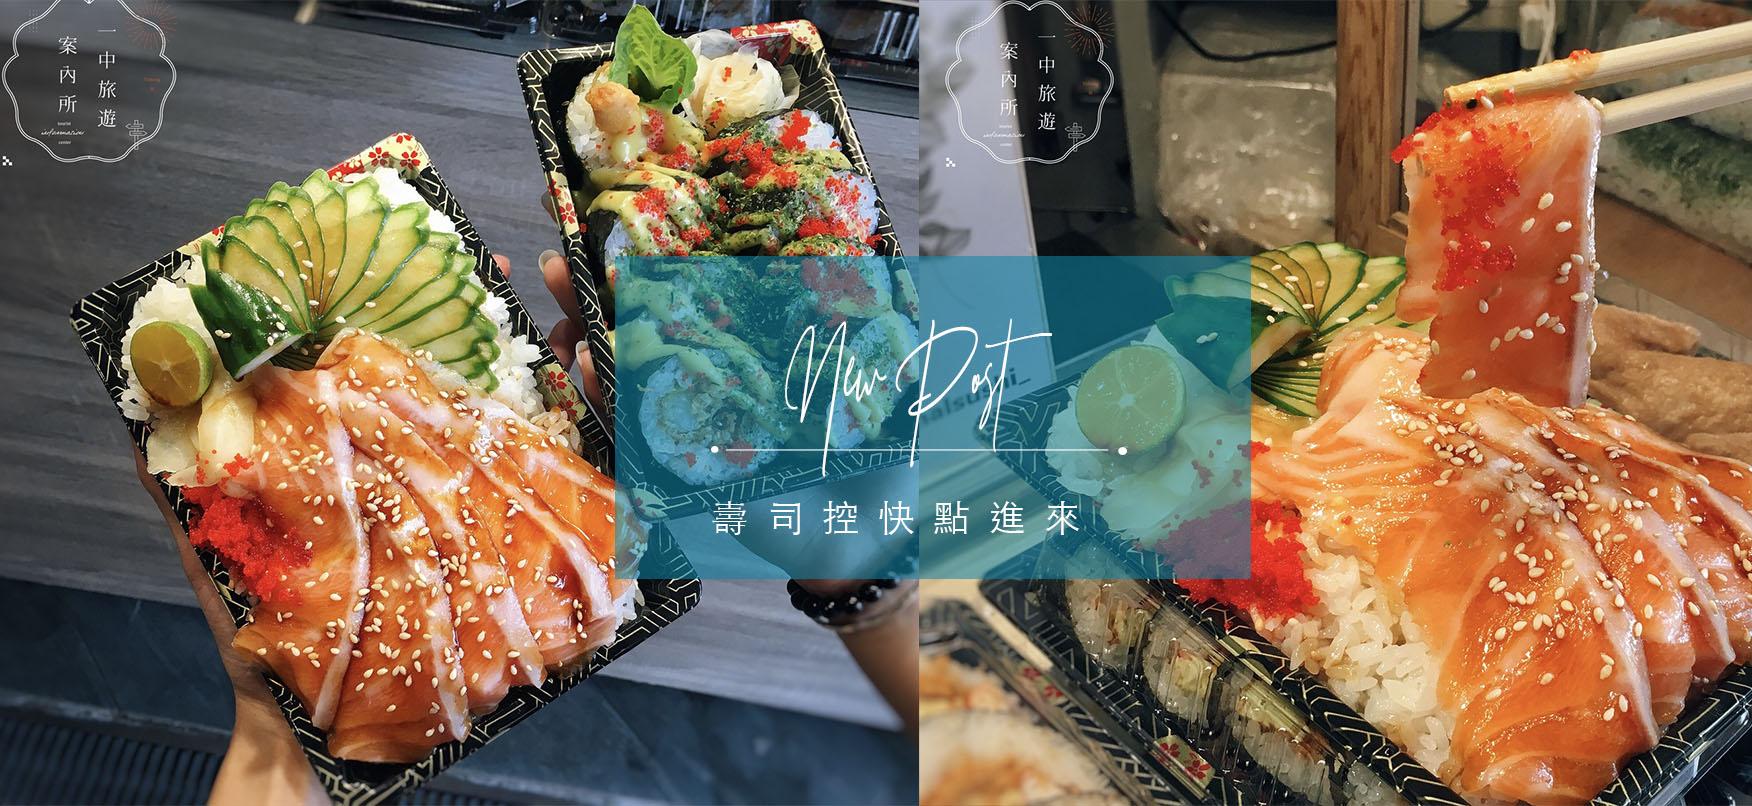 初心I一中街必吃的手作壽司  不吃會後悔的高cp美食